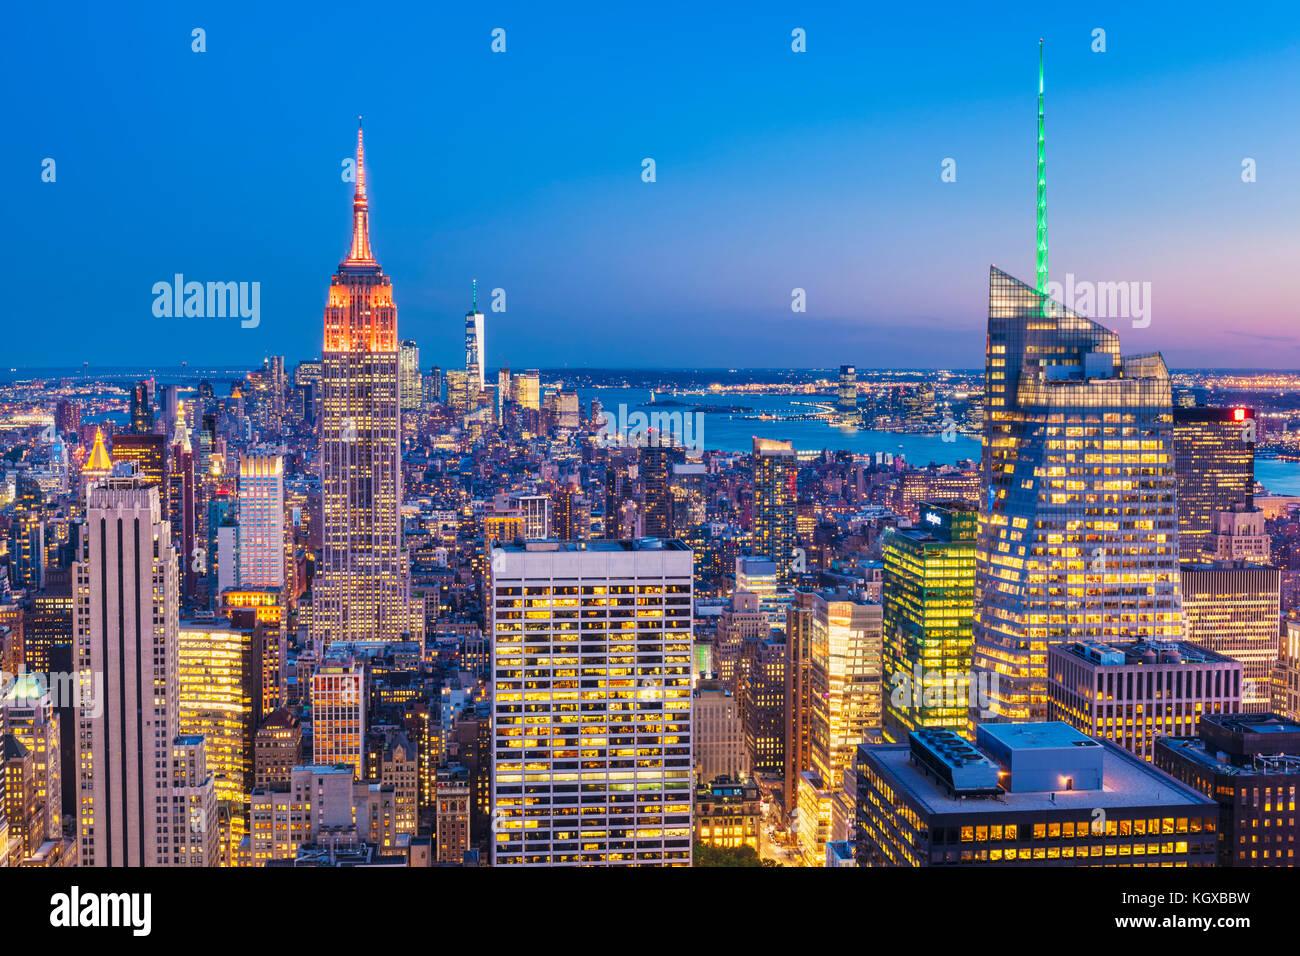 Rascacielos de Nueva York, Manhattan, el Empire State Building, en la noche, la ciudad de Nueva York, Estados Unidos Foto de stock